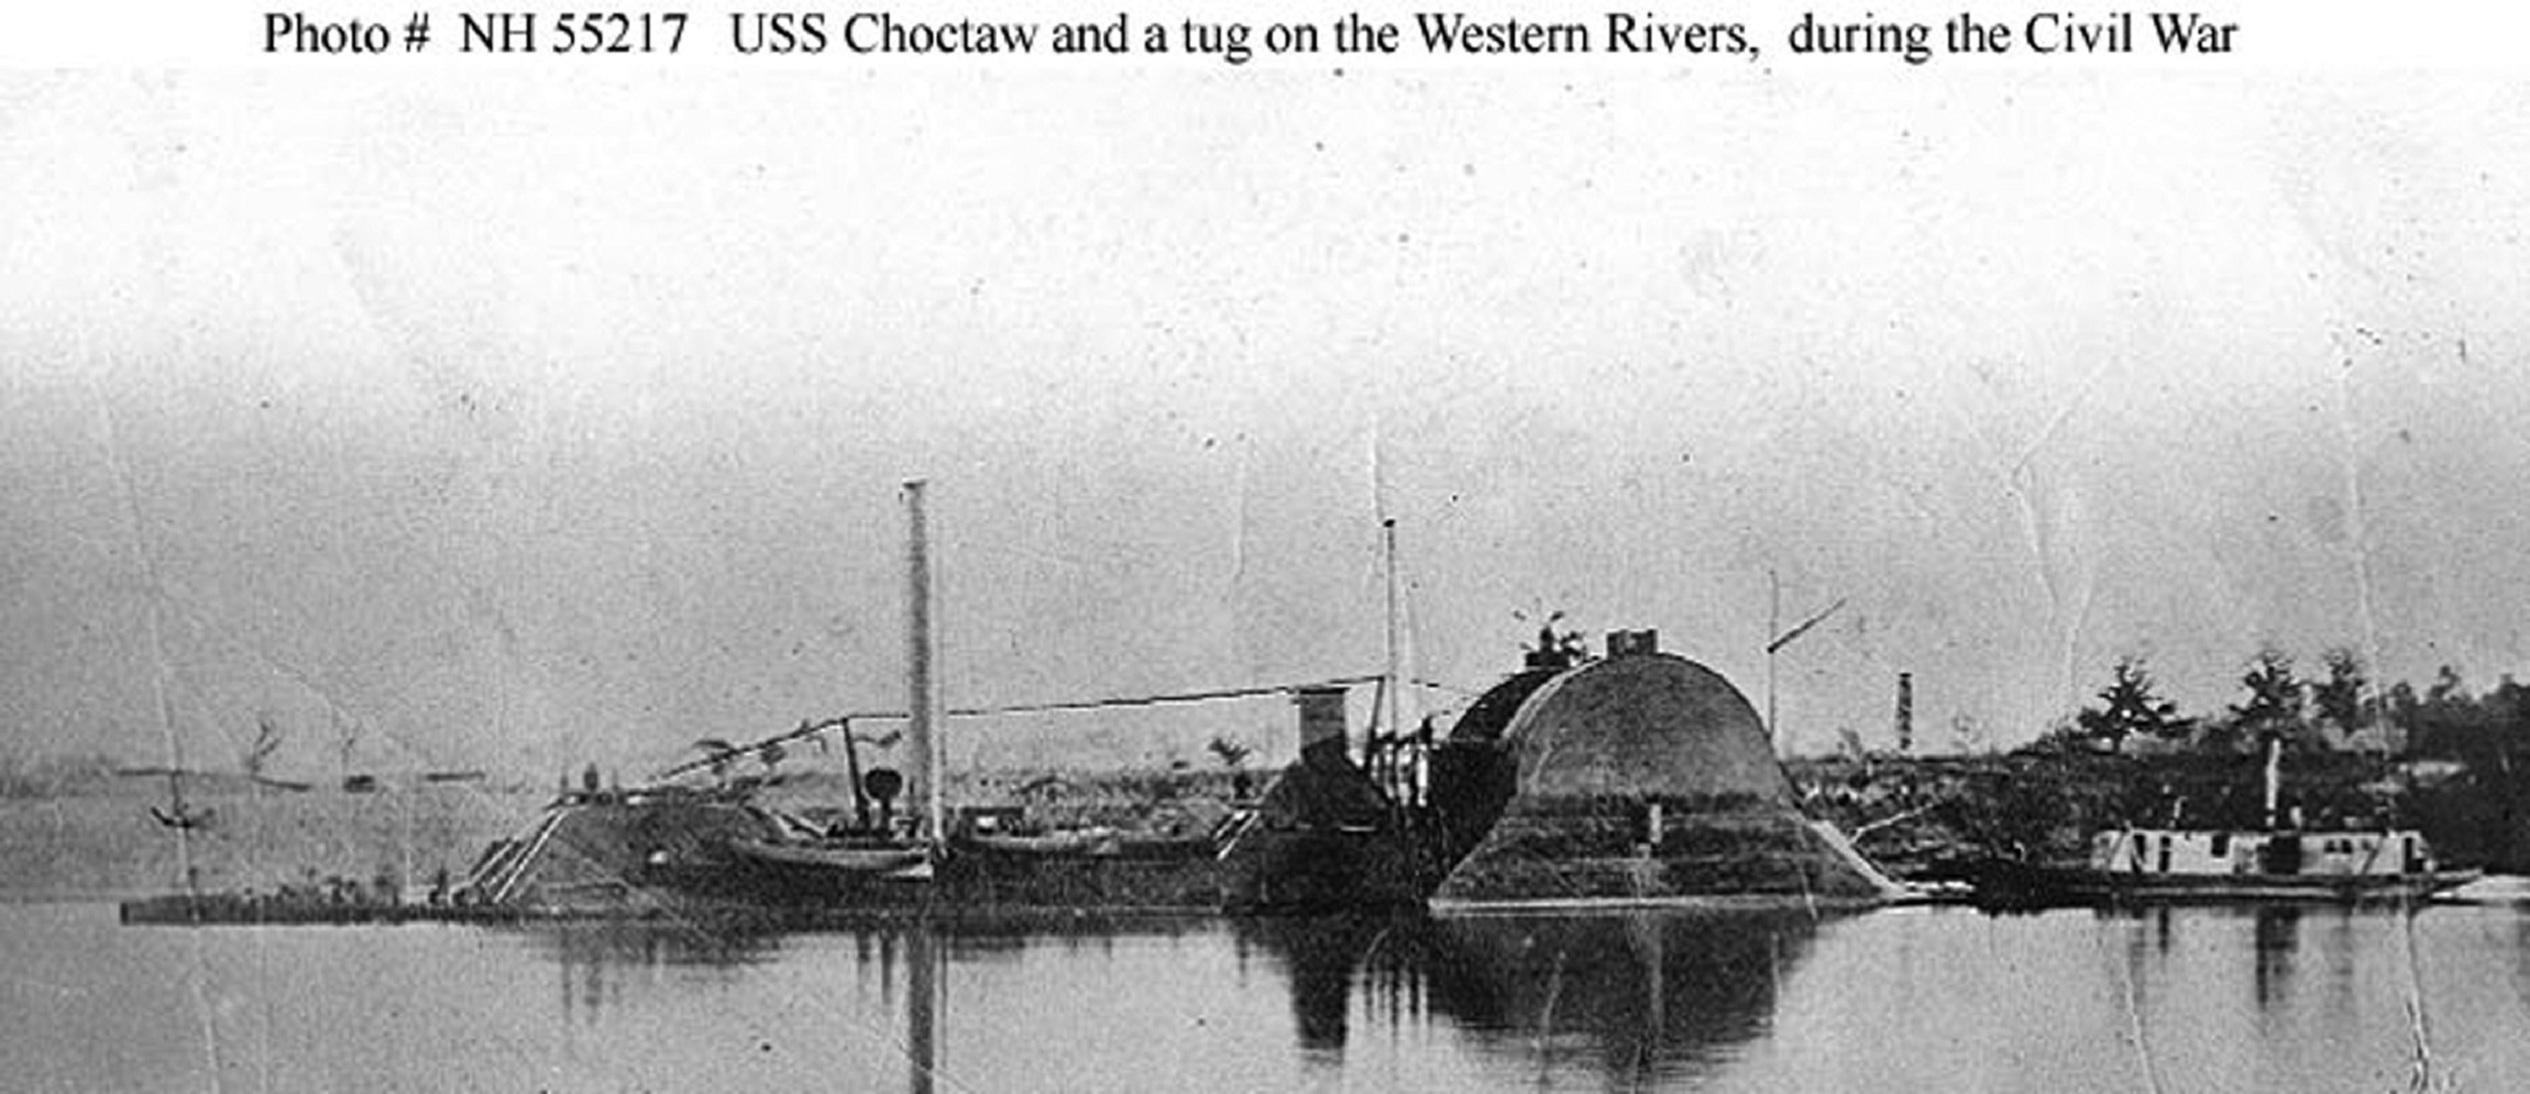 Choctaw.jpg